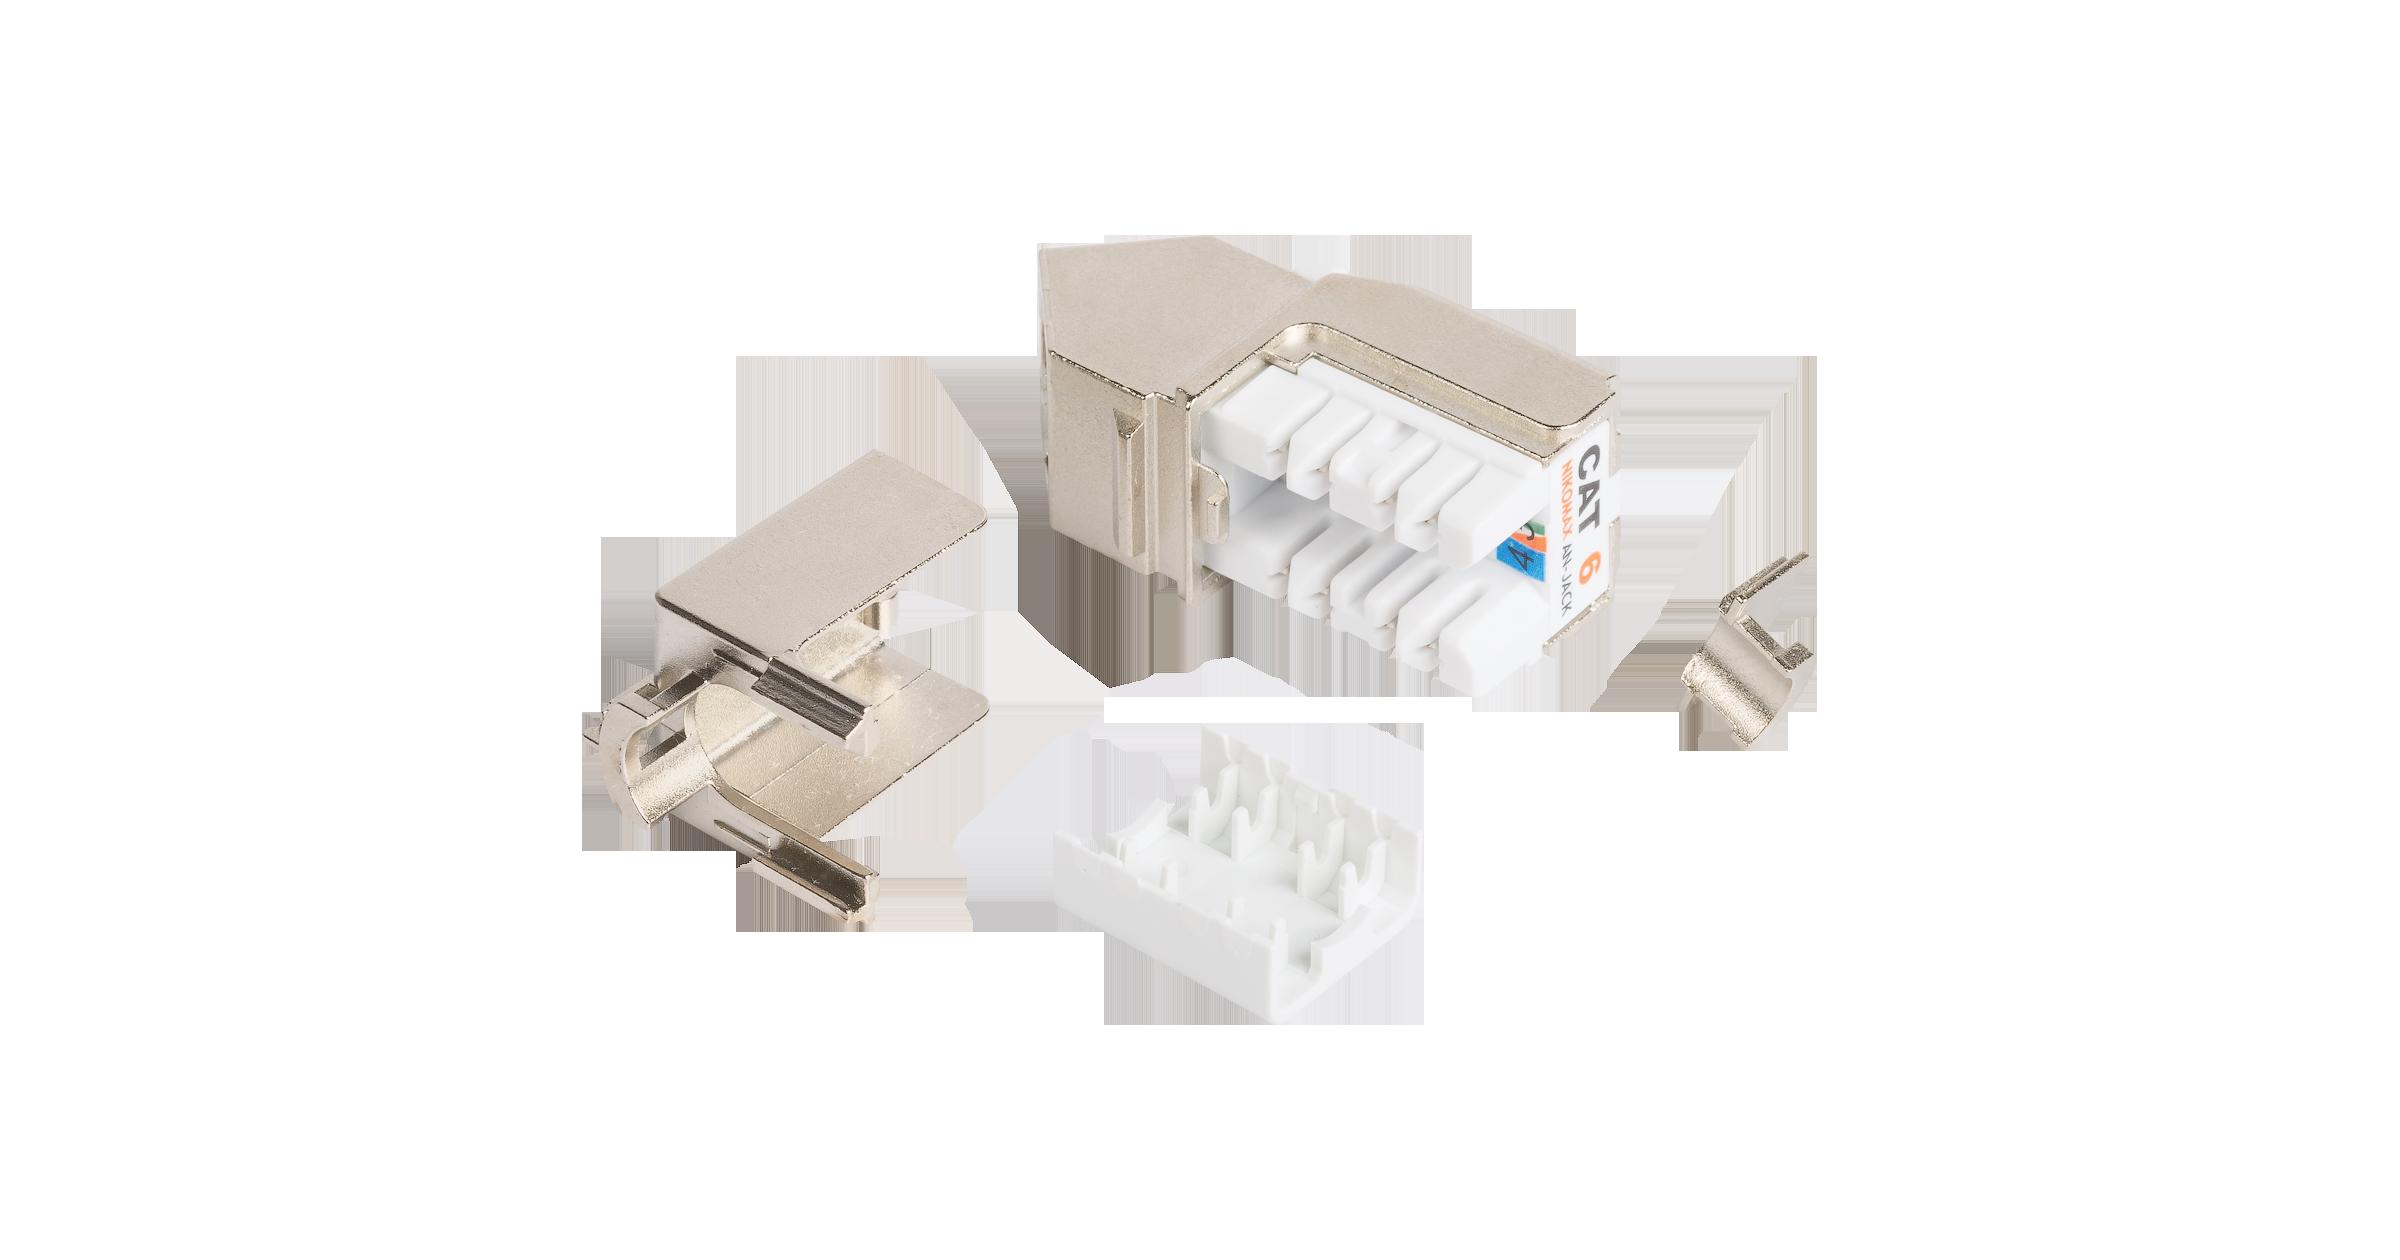 Модуль-вставка NIKOMAX типа Keystone, угловой, для панели серии AN, Кат.6 (Класс E), 250МГц, RJ45/8P8C, FT-TOOL/110/KRONE, T568A/B, полный экран, металлик - гарантия: 5 лет расширенная / 25 лет системная